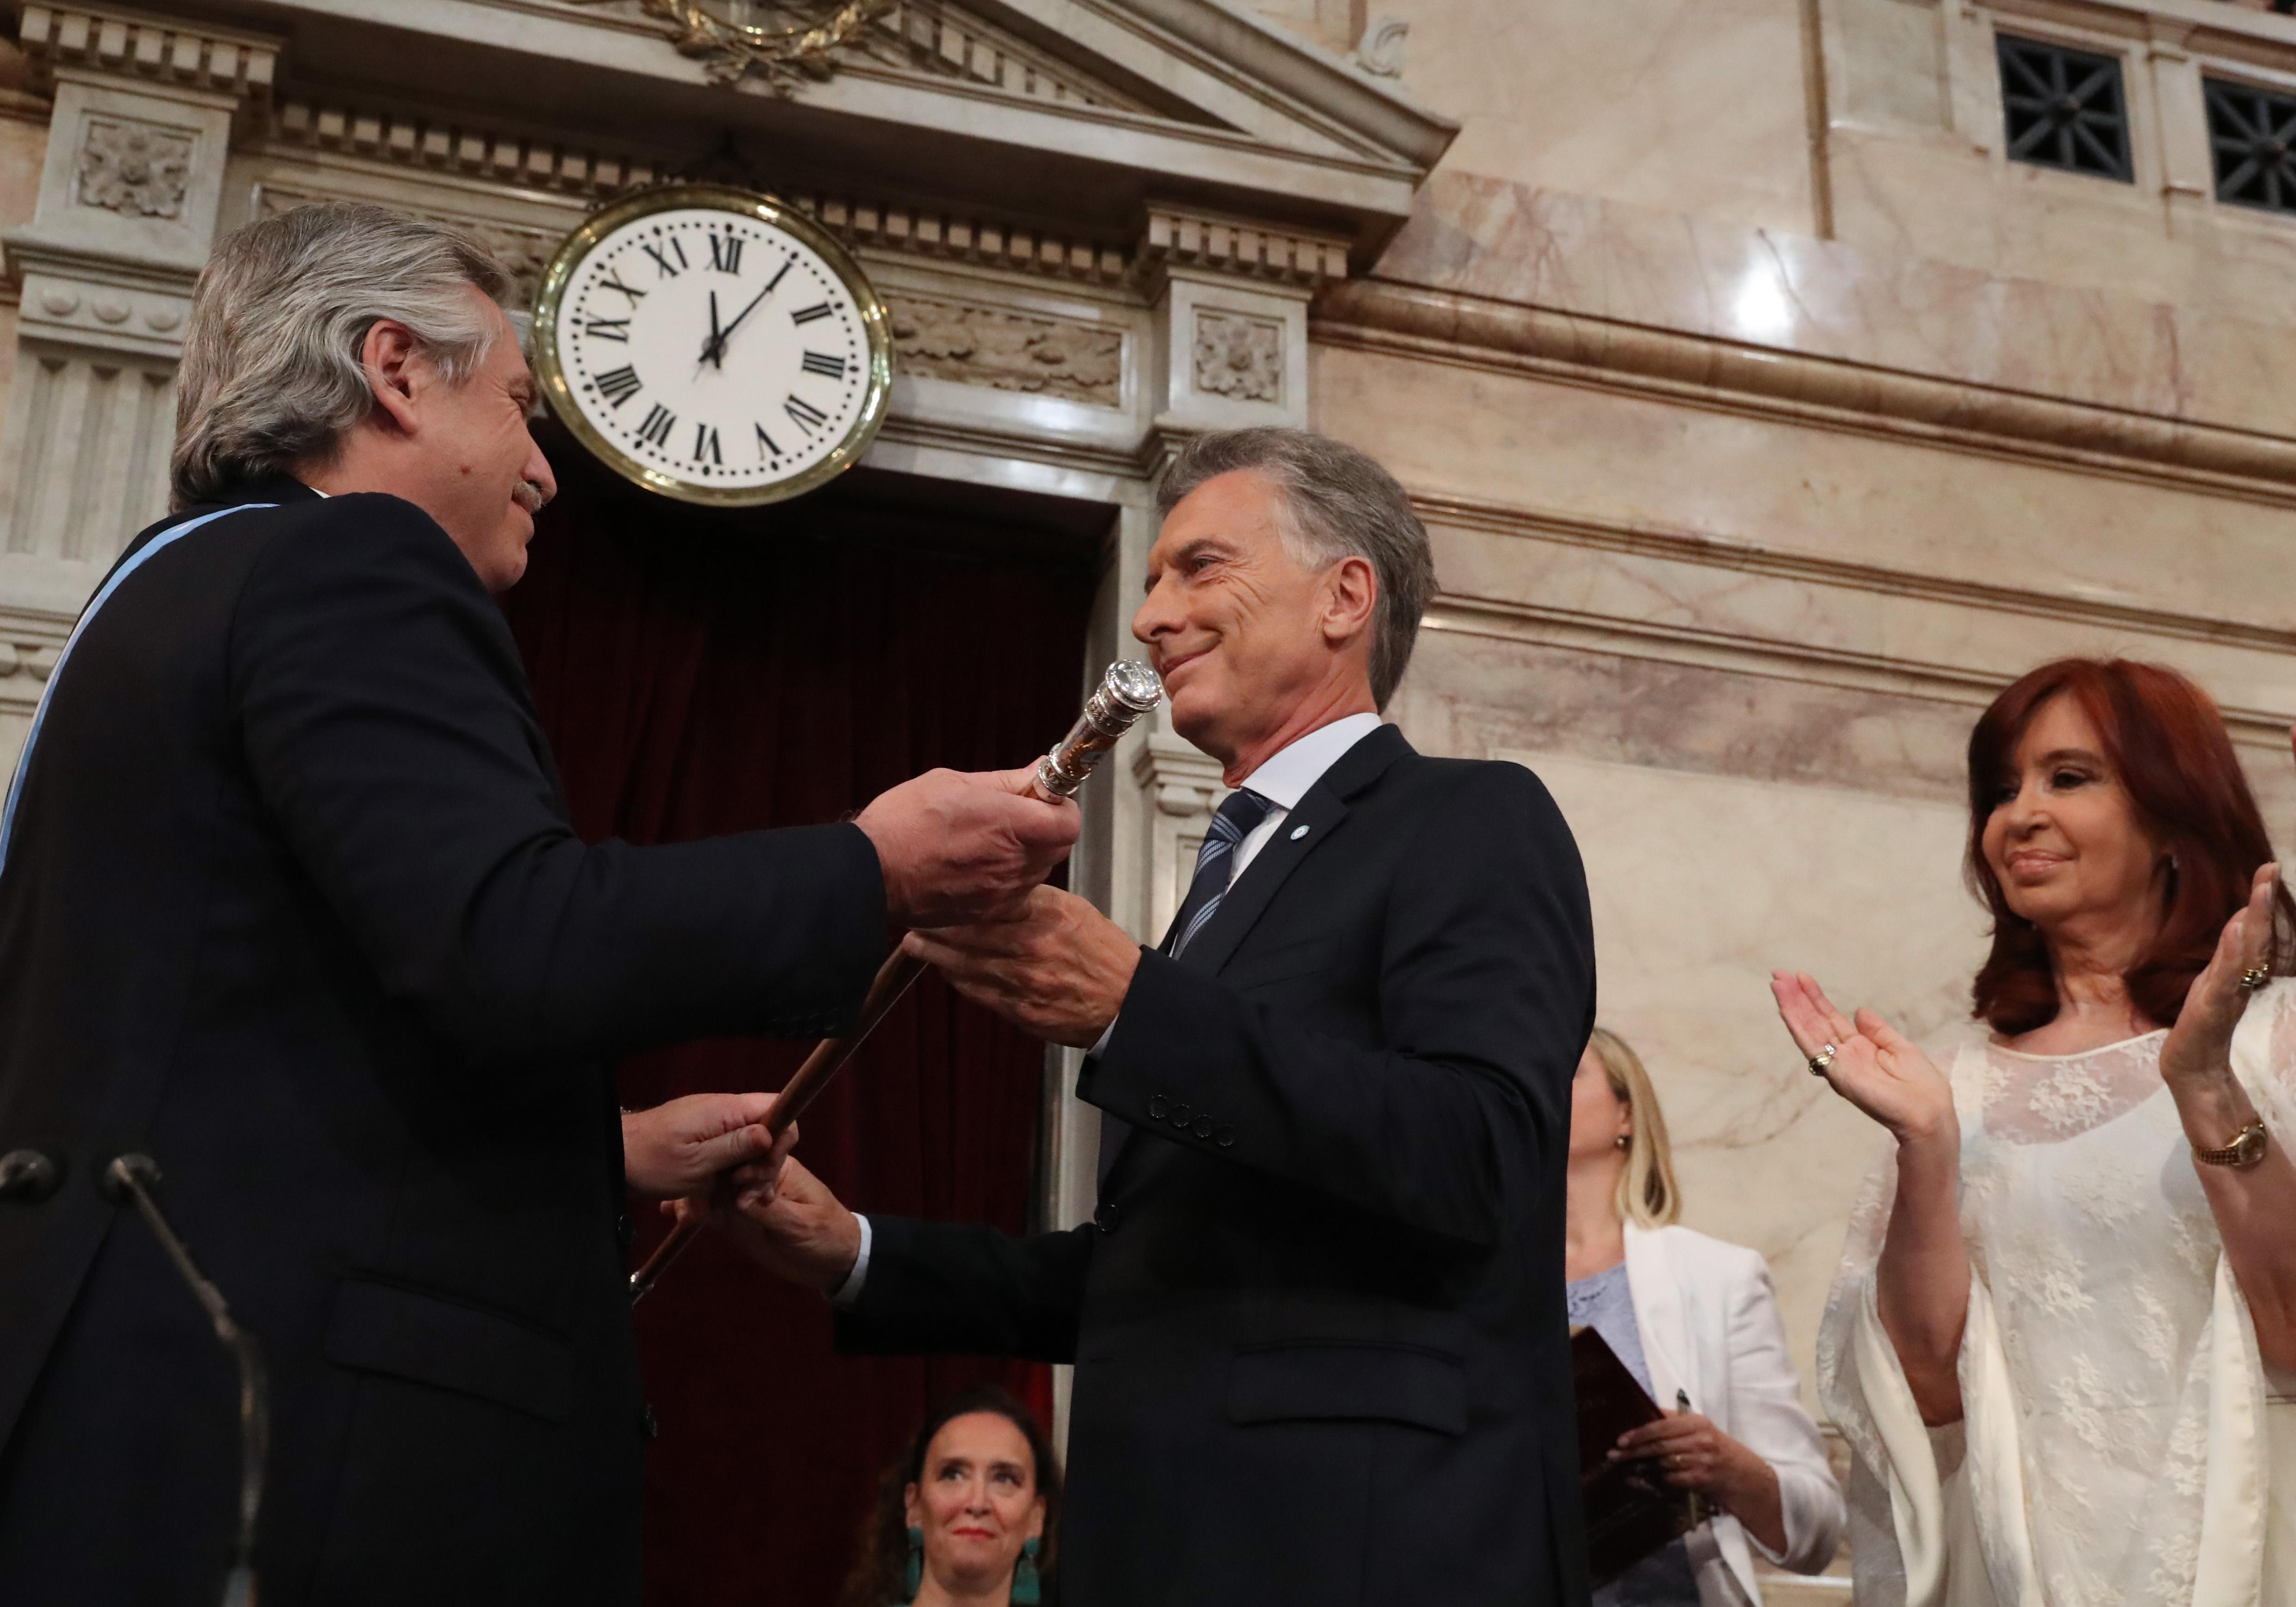 El momento en que Mauricio Macri le entrega el bastón presidencial a Fernández